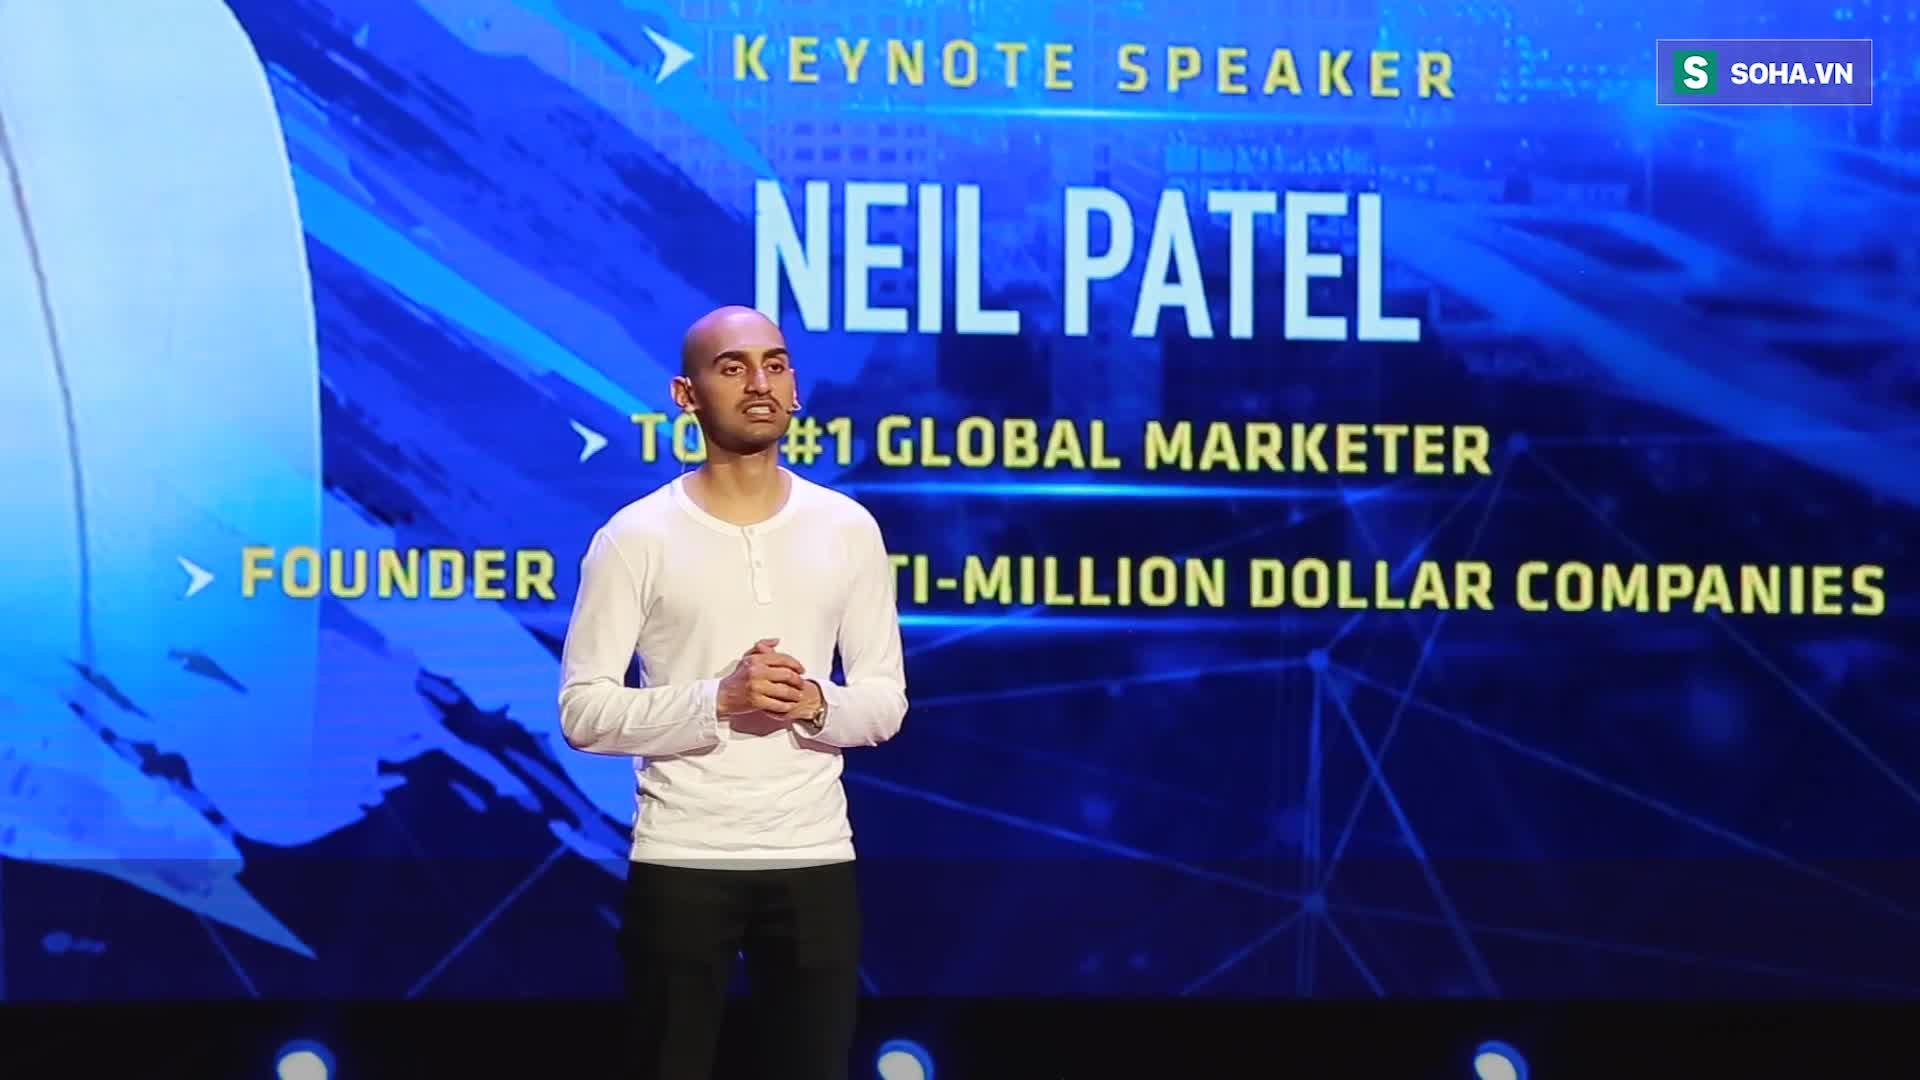 Bài học làm giàu từ tỷ phú Niel Pastel: Hãy kinh doanh lĩnh vực mình đam mê thực sự